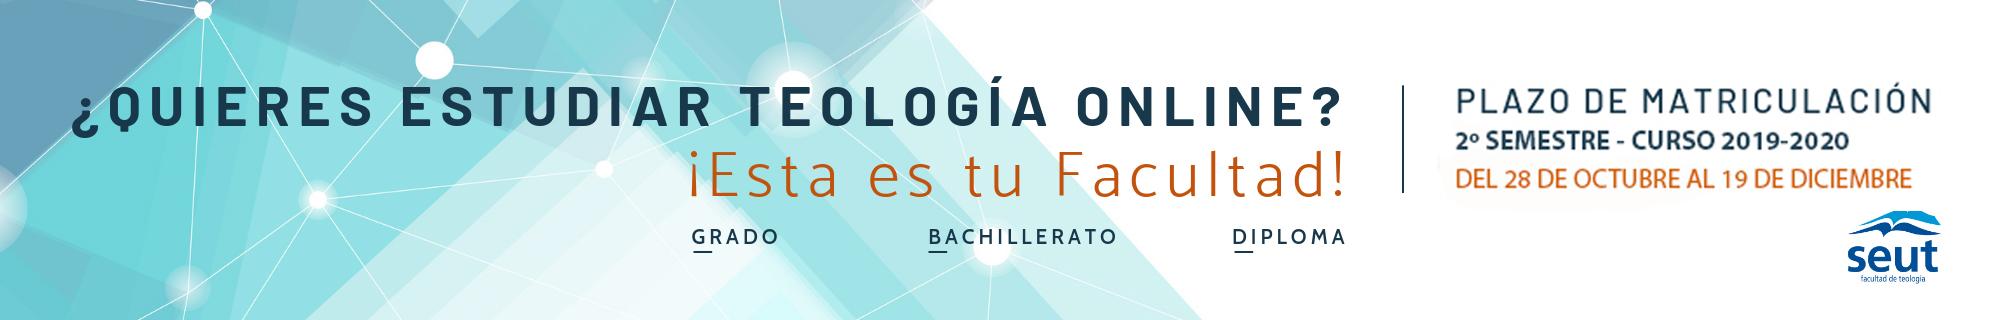 Matriculación Teología Facultad SEUT